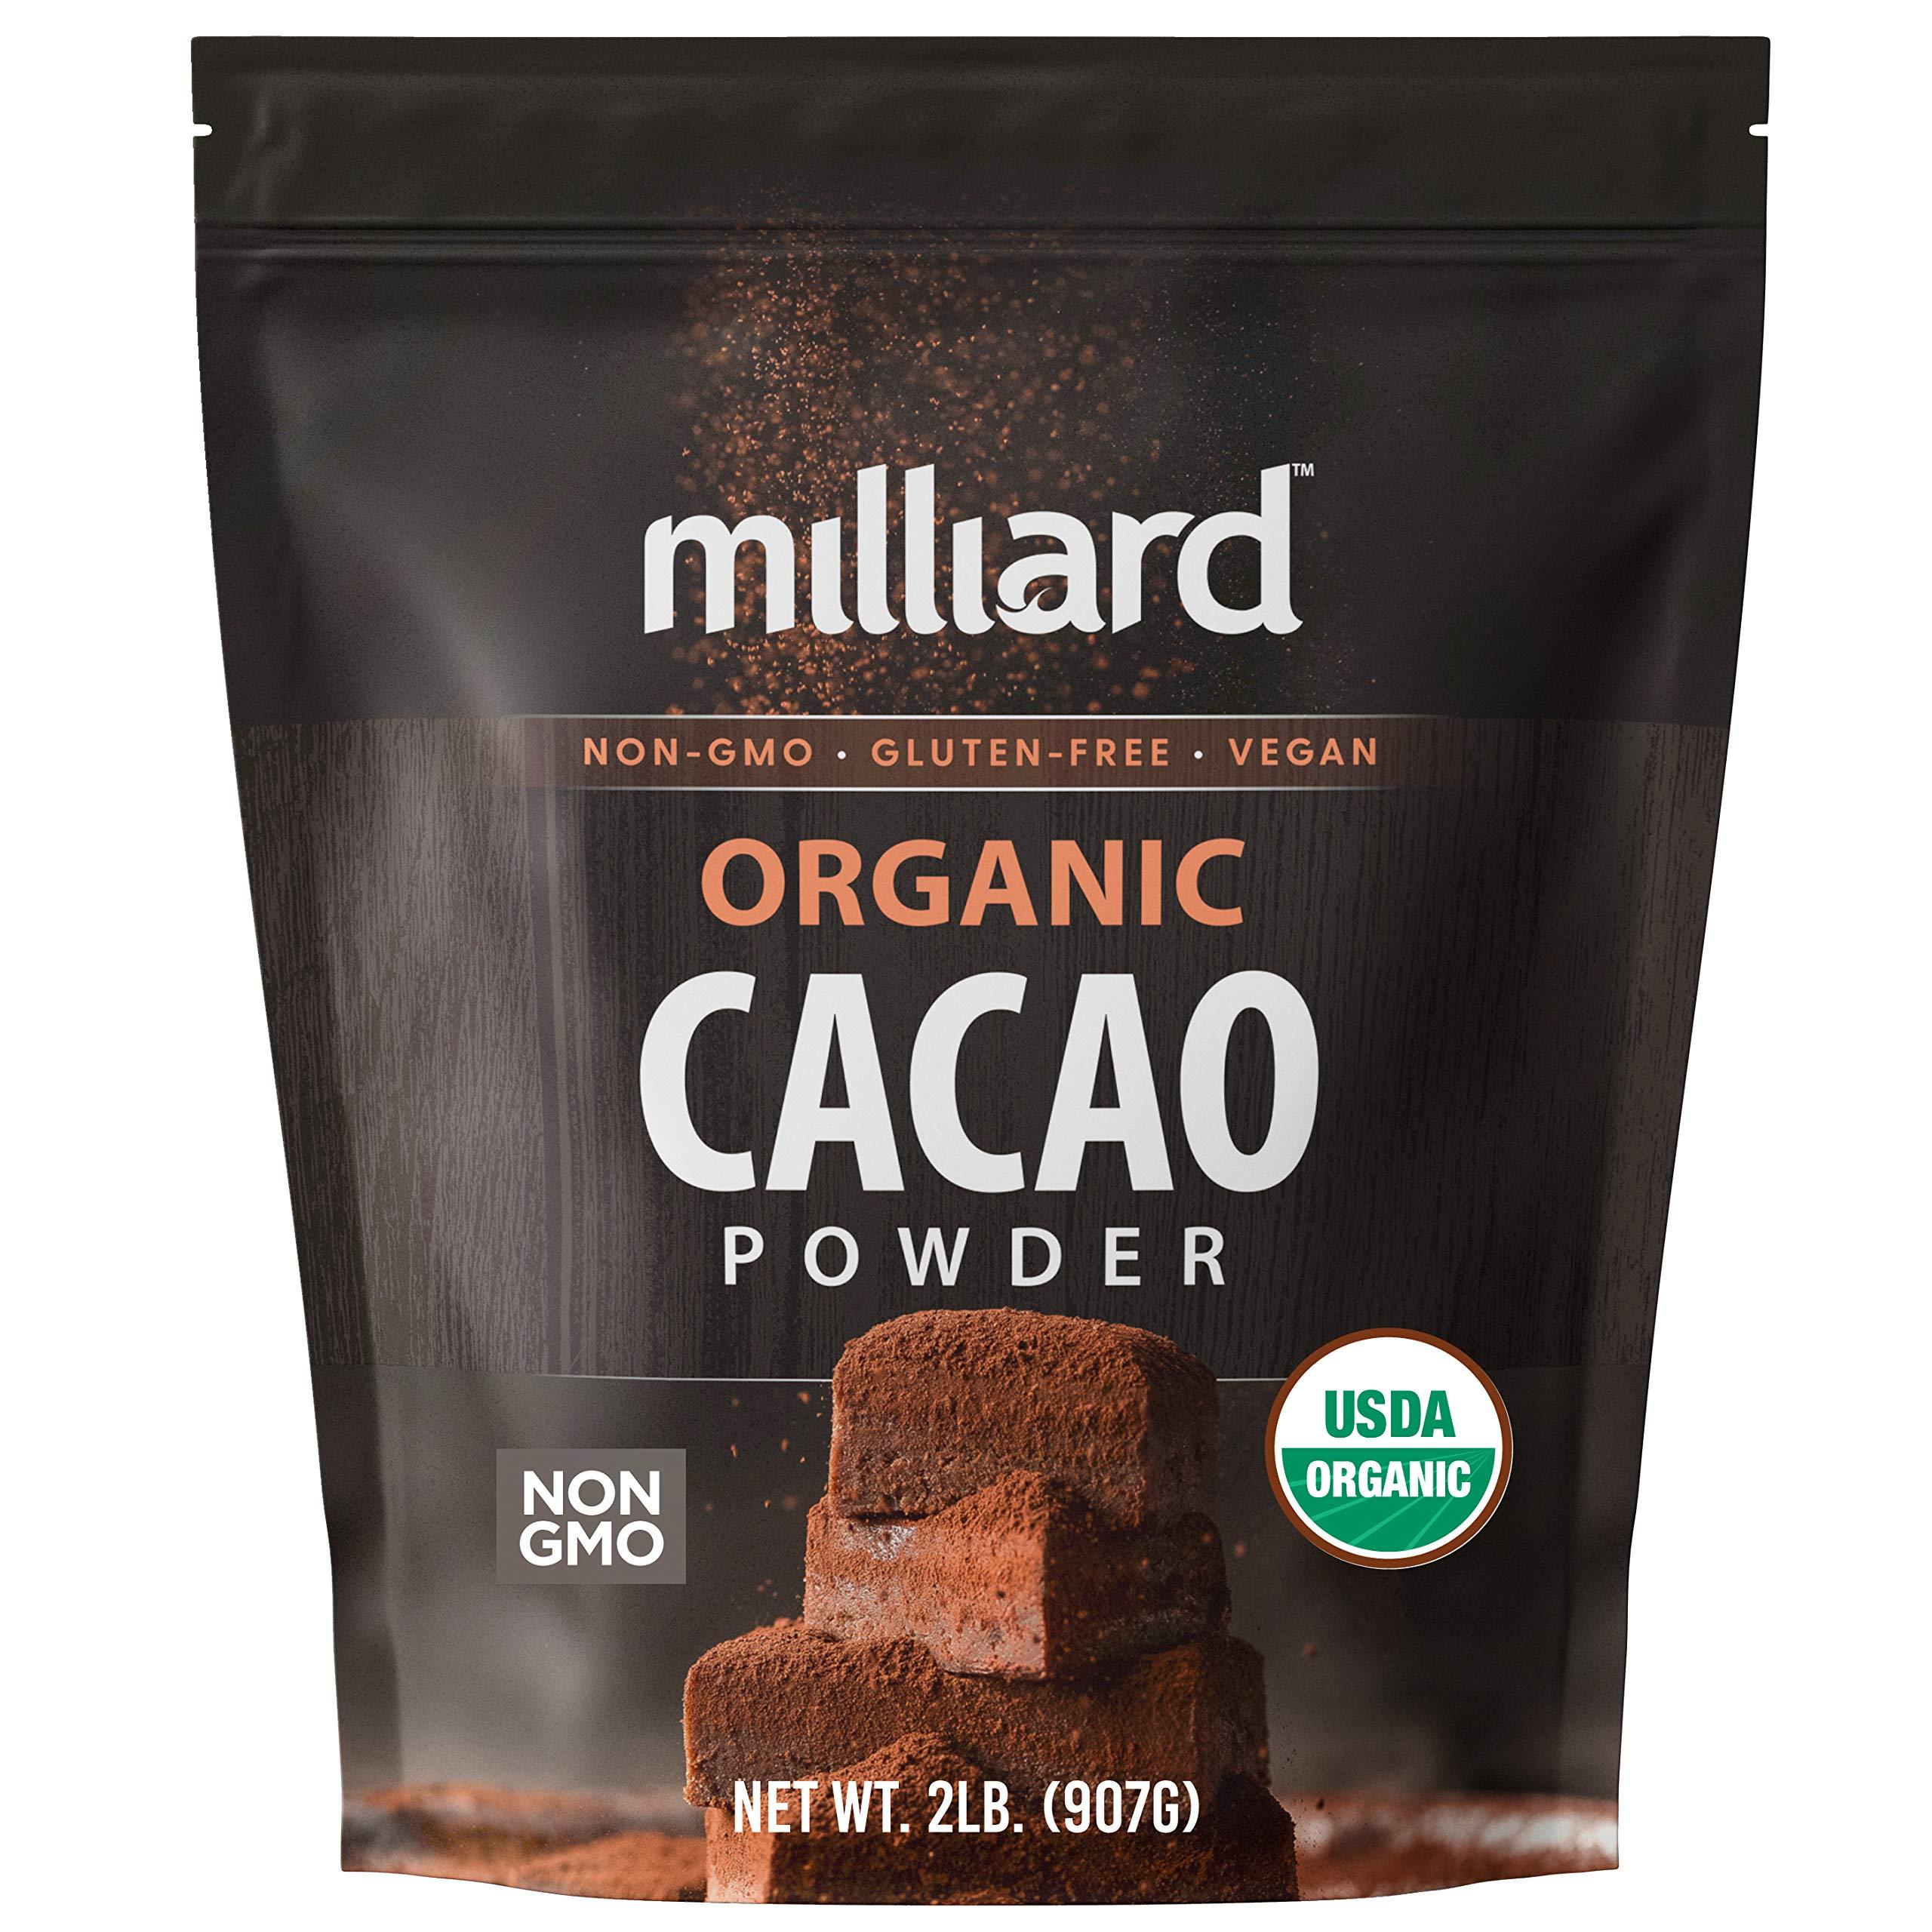 Milliard Organic Cacao Powder / Non-GMO and Gluten Free / 2 lbs.